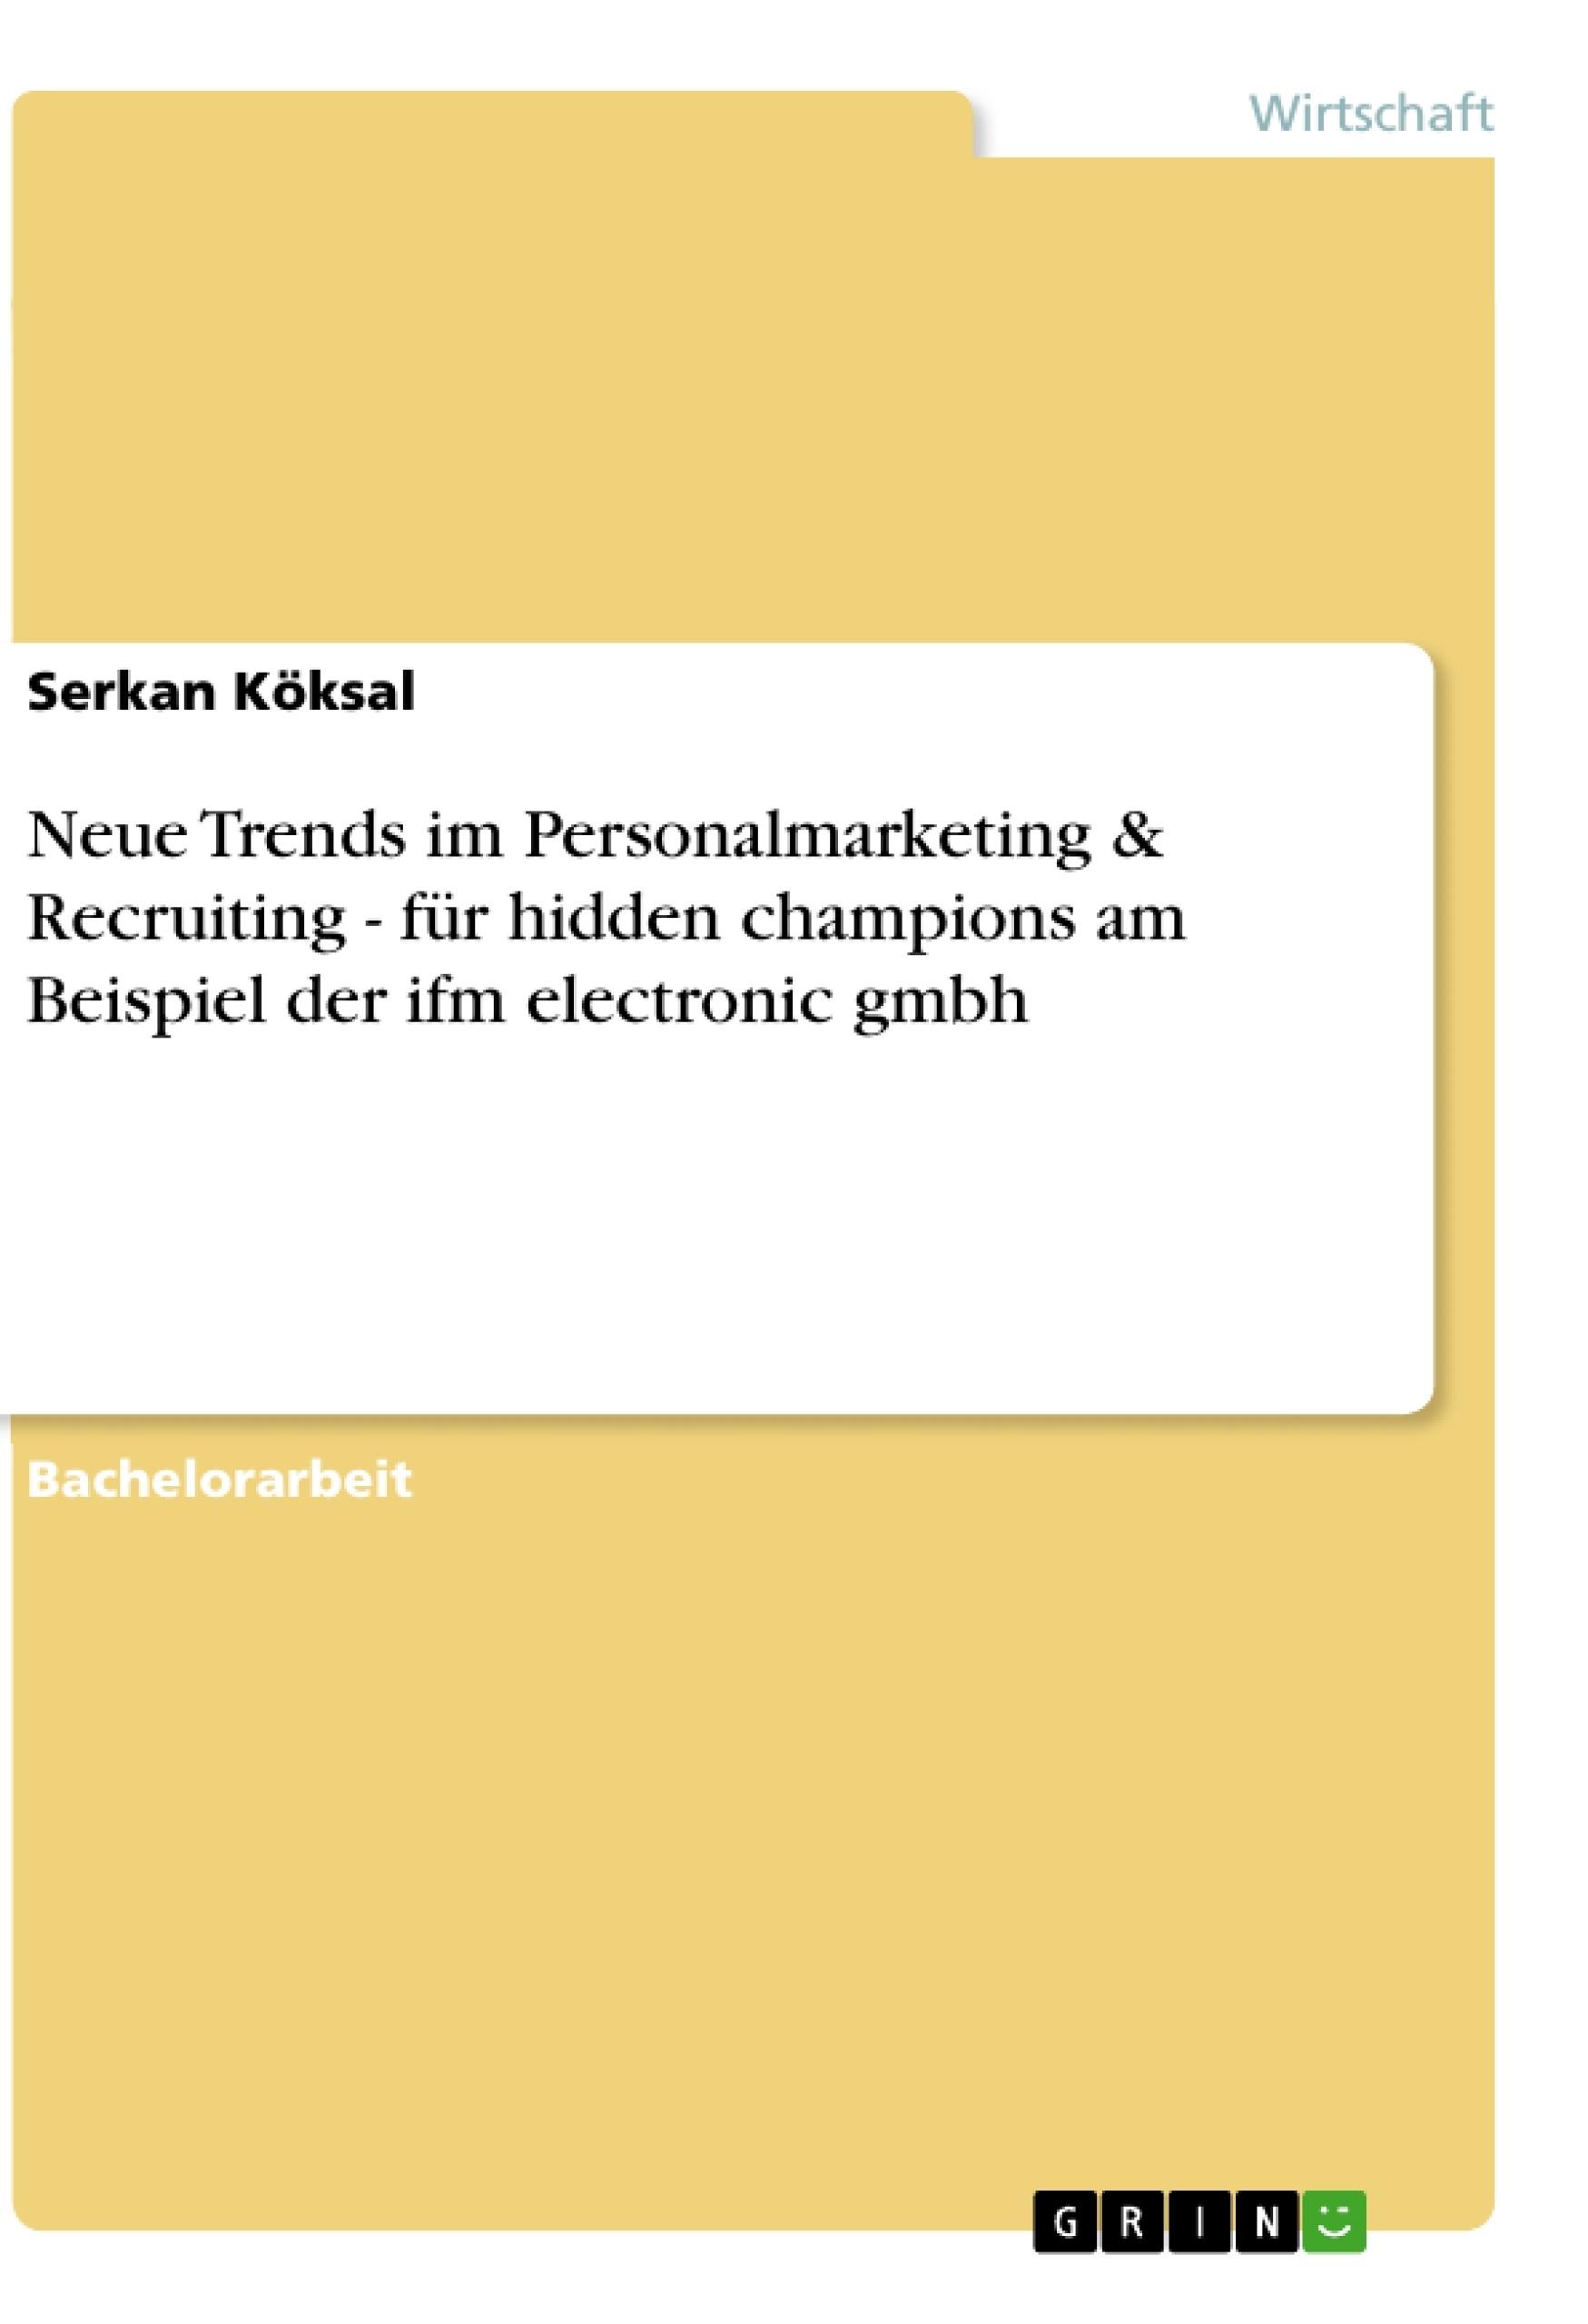 Titel: Neue Trends im Personalmarketing & Recruiting - für hidden champions am Beispiel der ifm electronic gmbh